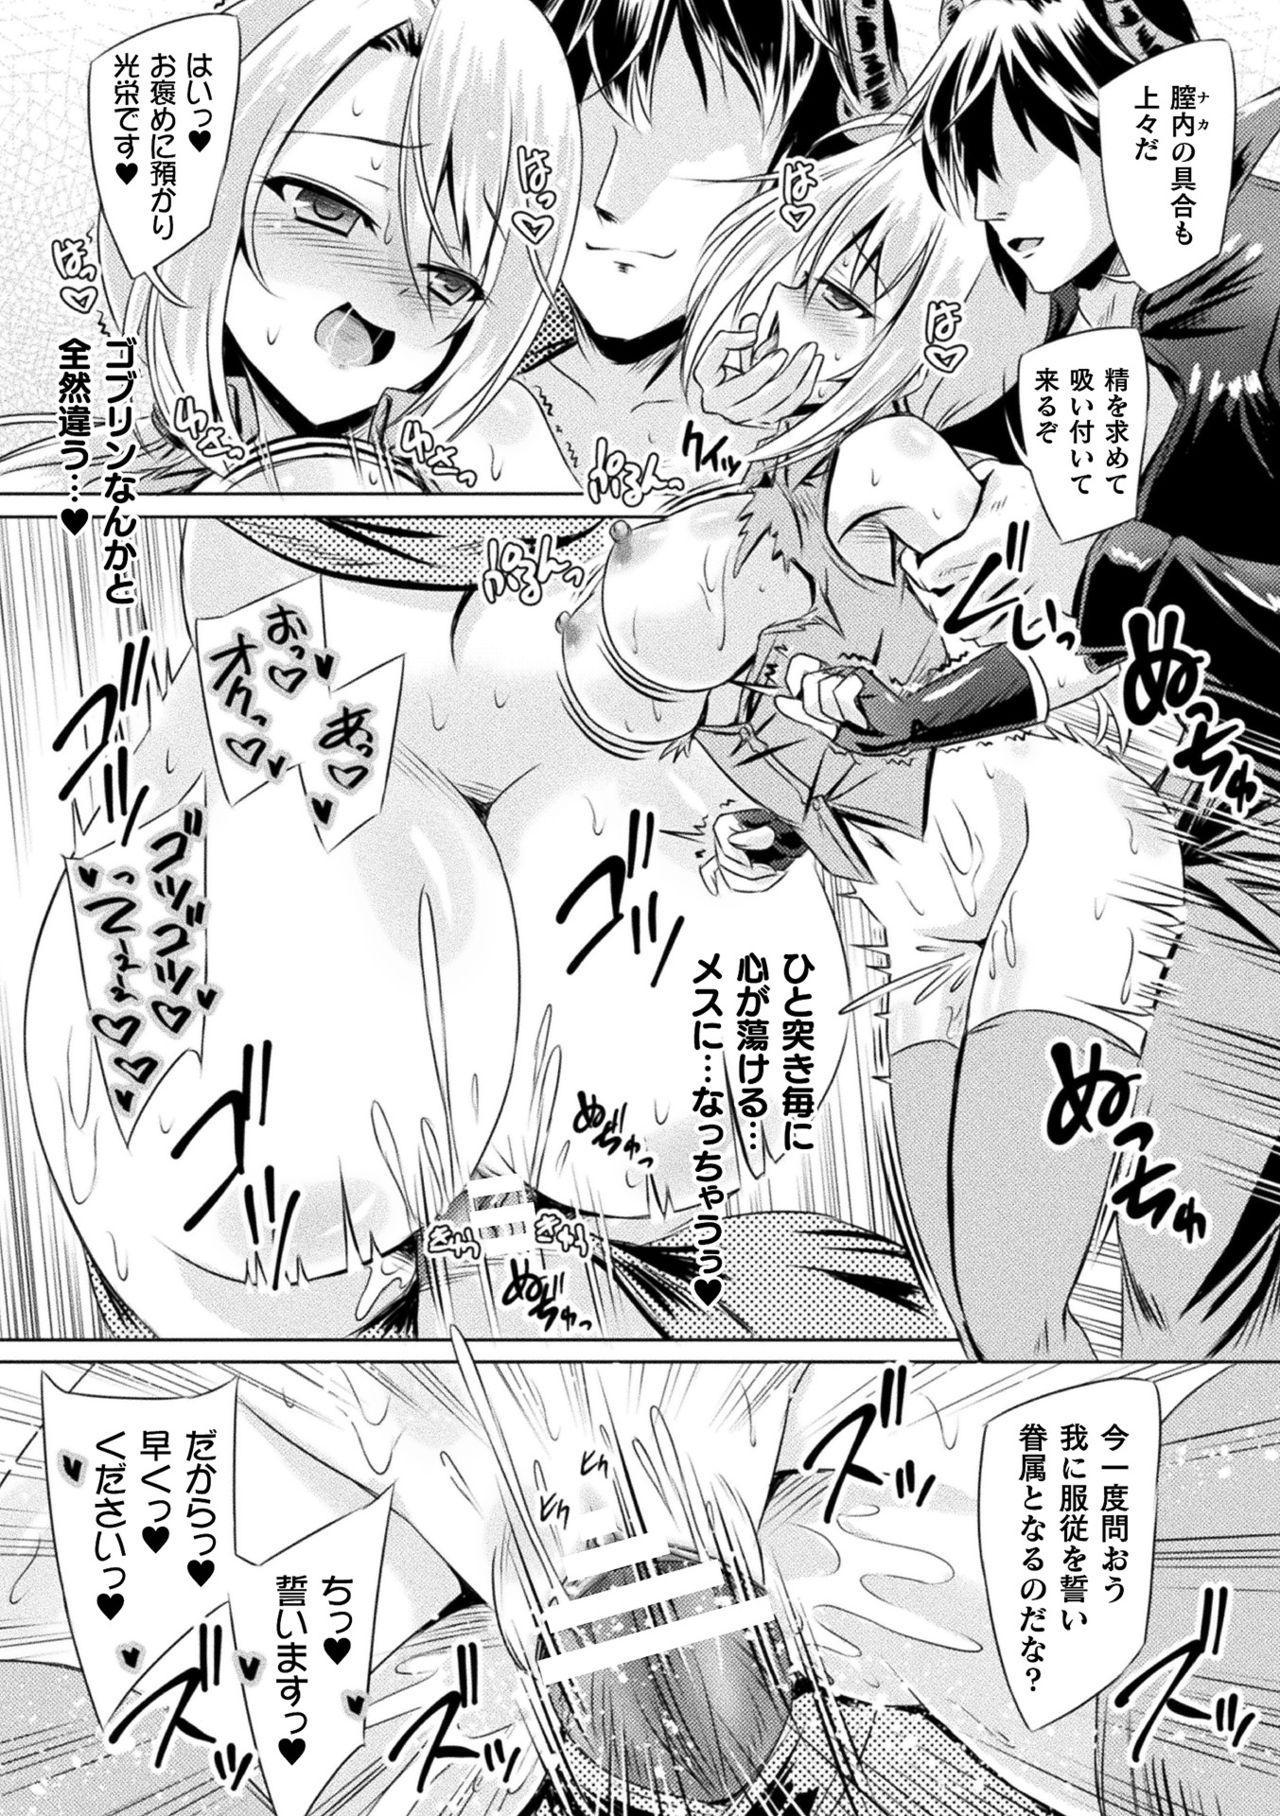 2D Comic Magazine Mesu Ochi! TS Ero Trap Dungeon Vol. 3 19